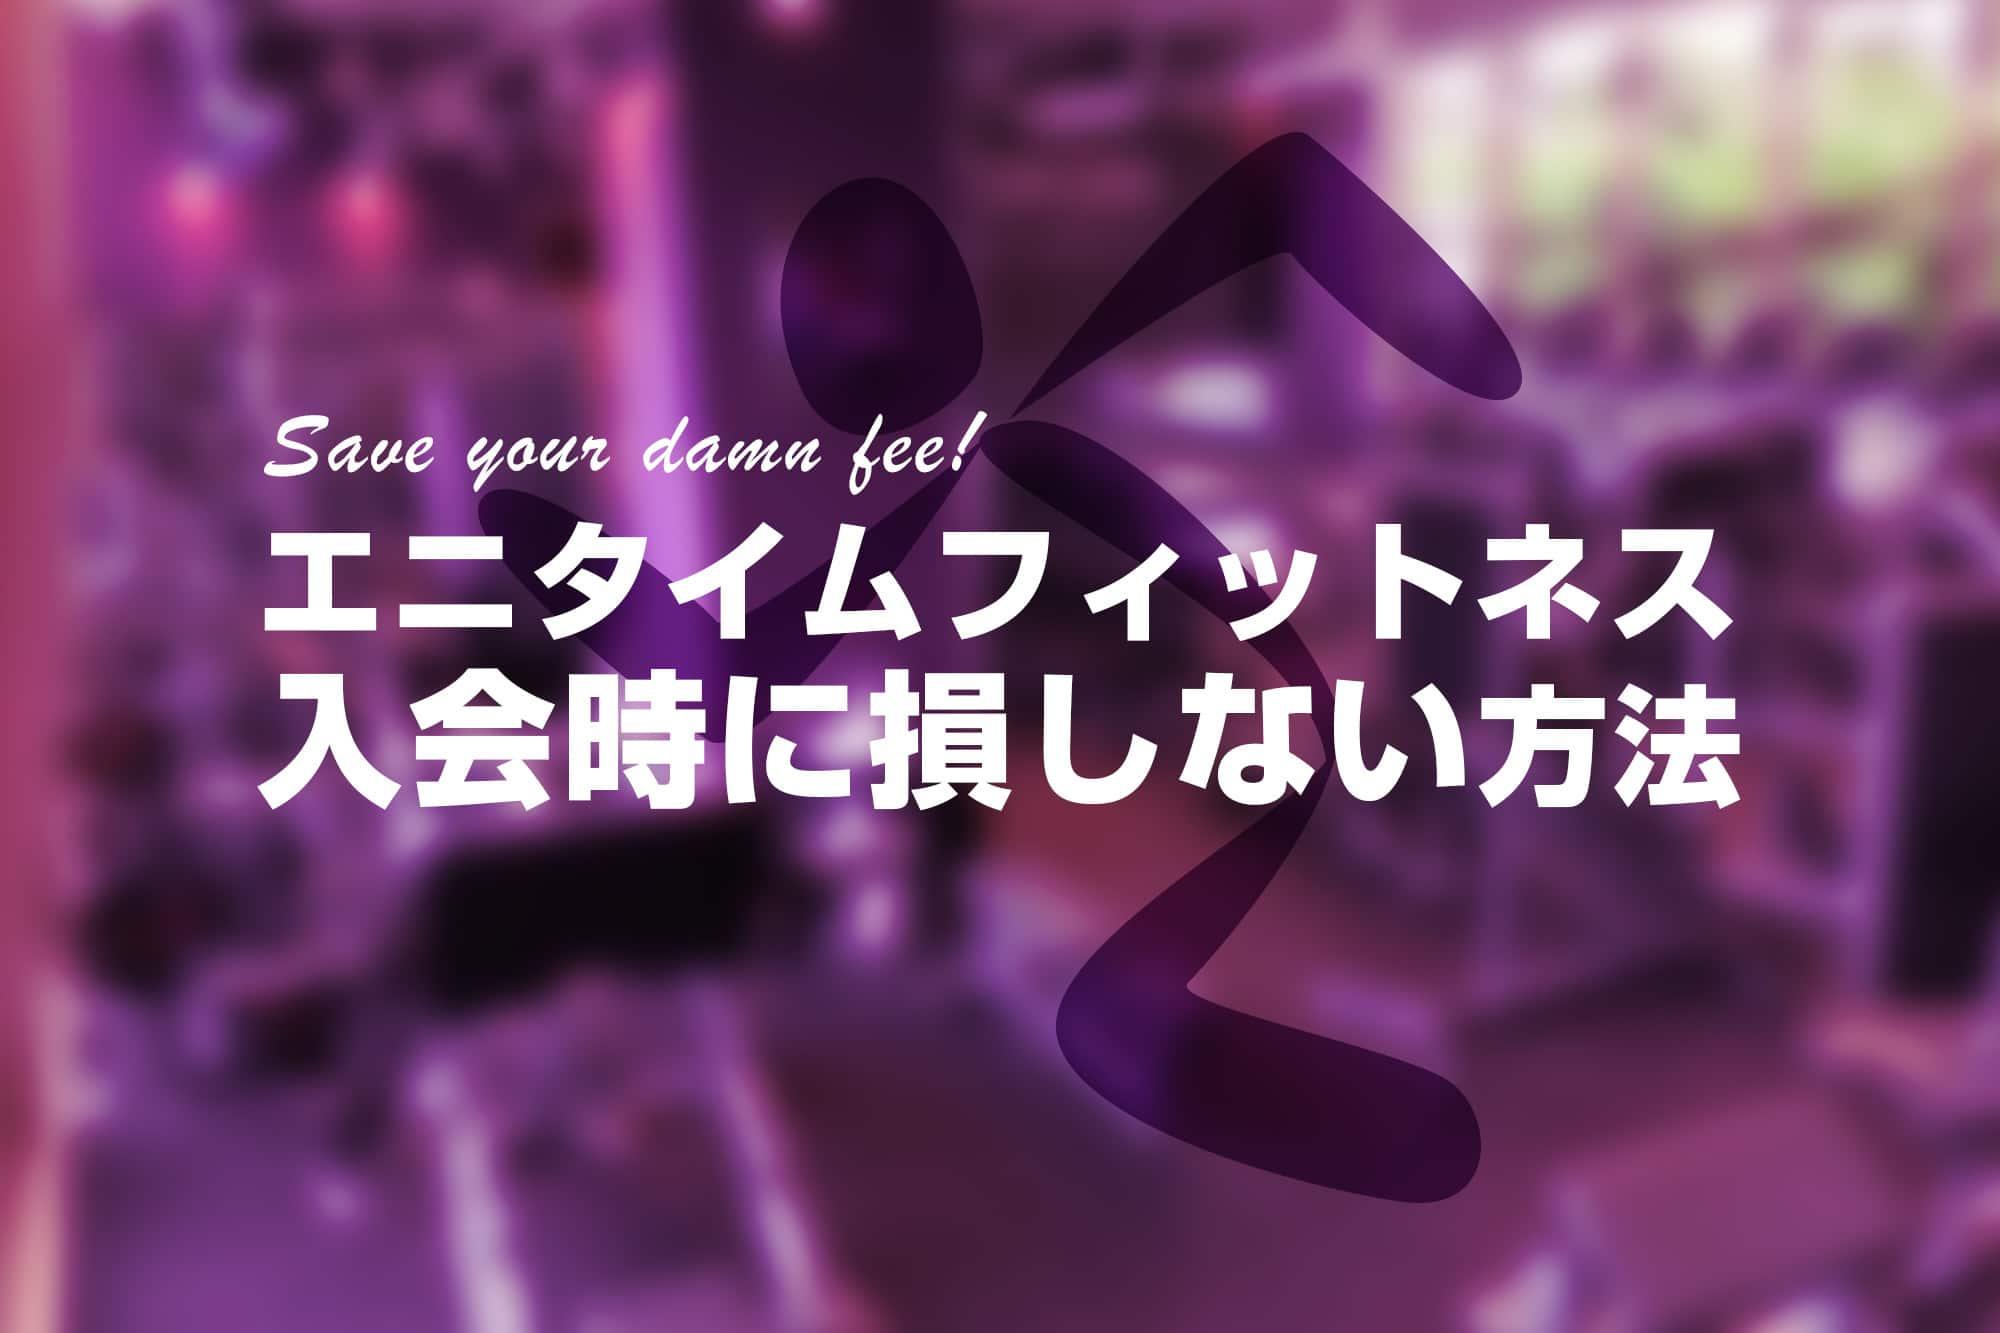 エニタイムフィットネスに入会する際に損をしない方法。実は2万円も最大で安くなる可能性があります。